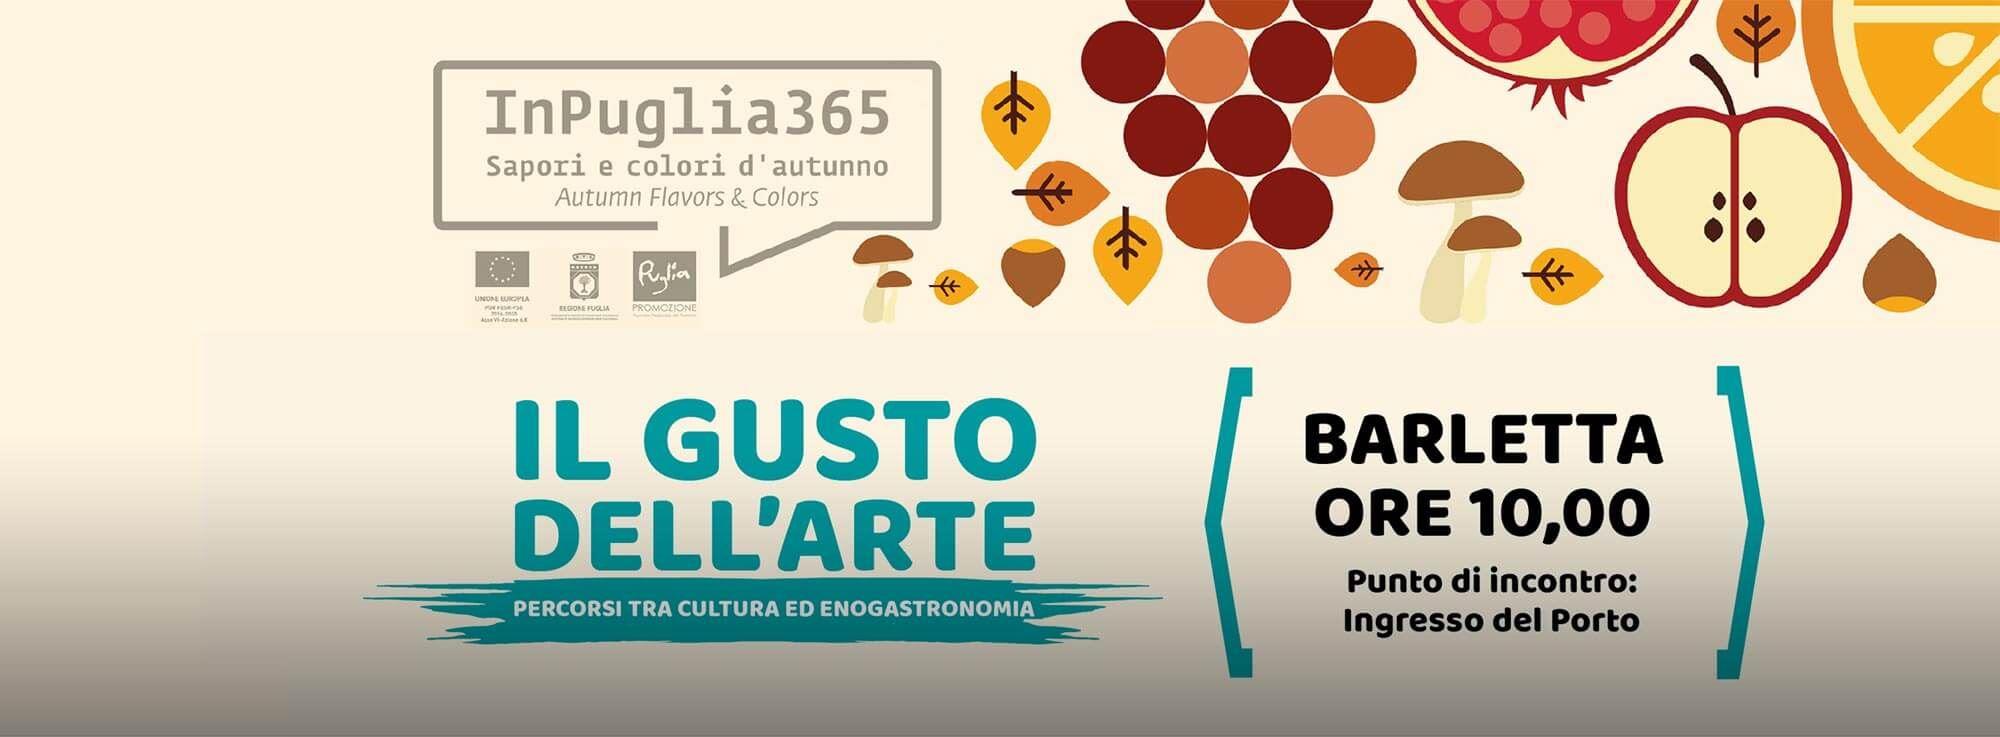 Barletta: Barletta e il mare